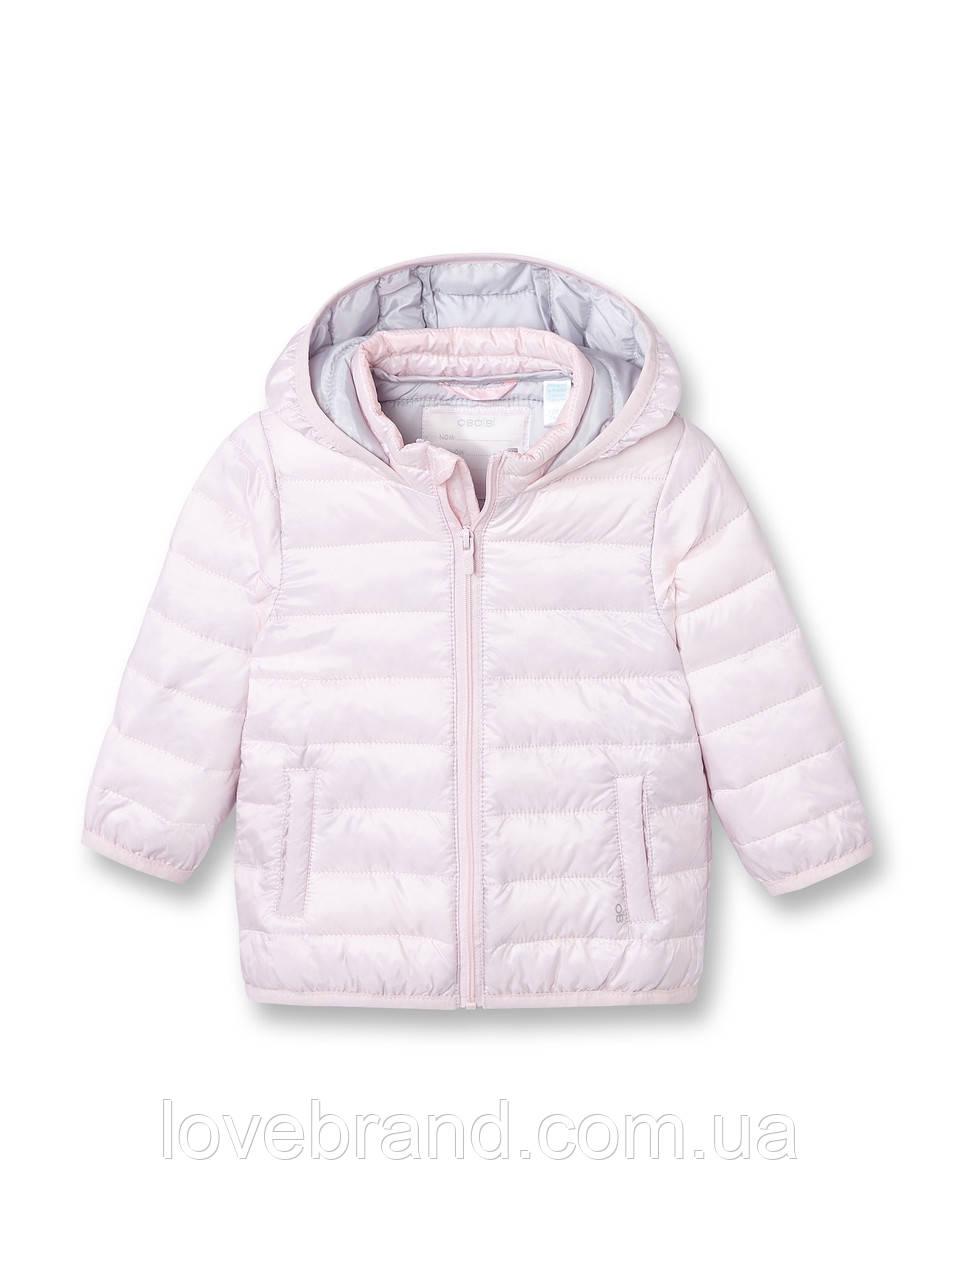 Легкая демисезонная курточка для девочки OKAIDI (ФРАНЦИЯ) нежная розовая